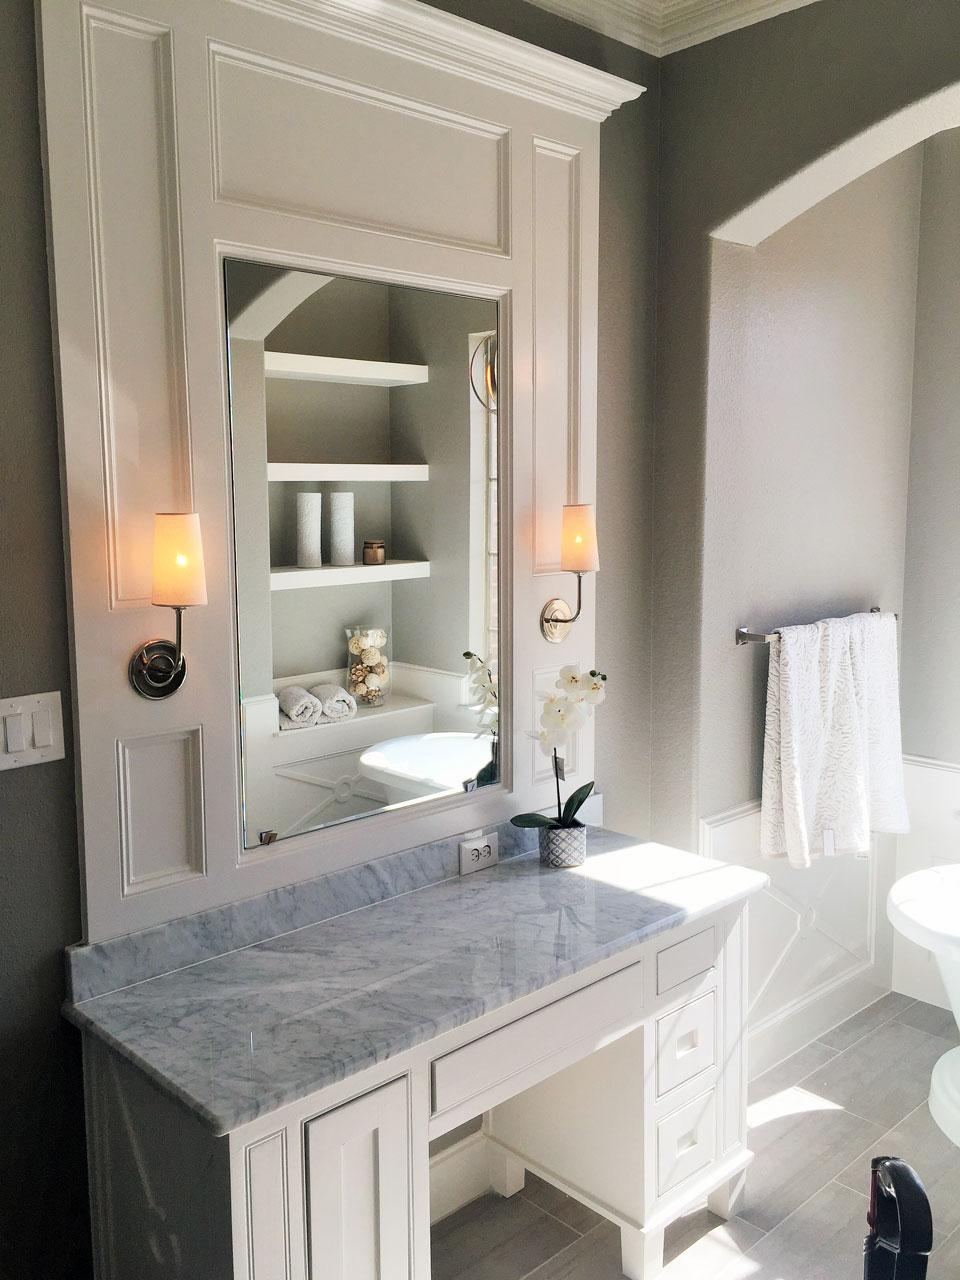 bathroom remodel dallas tx. Master-bathroom-remodel-parker-tx-4.jpg Bathroom Remodel Dallas Tx